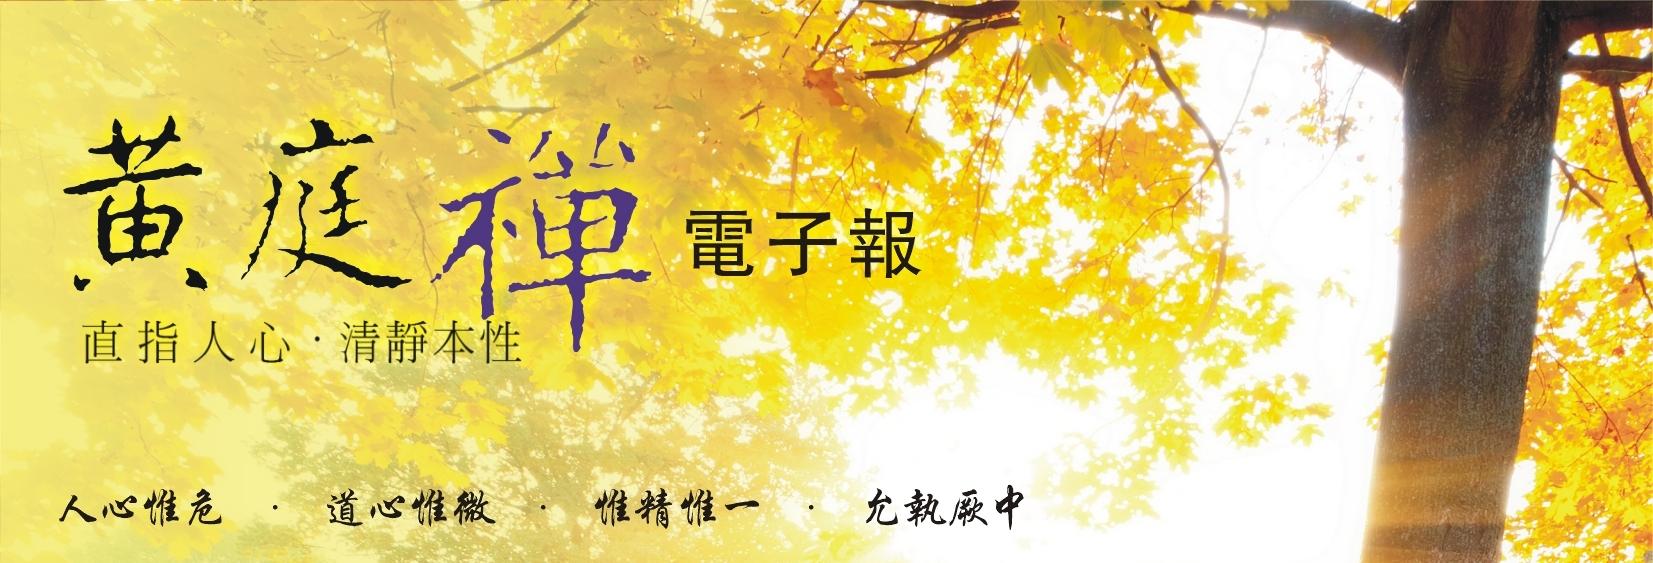 中華黃庭禪學會2015.10.01電子報